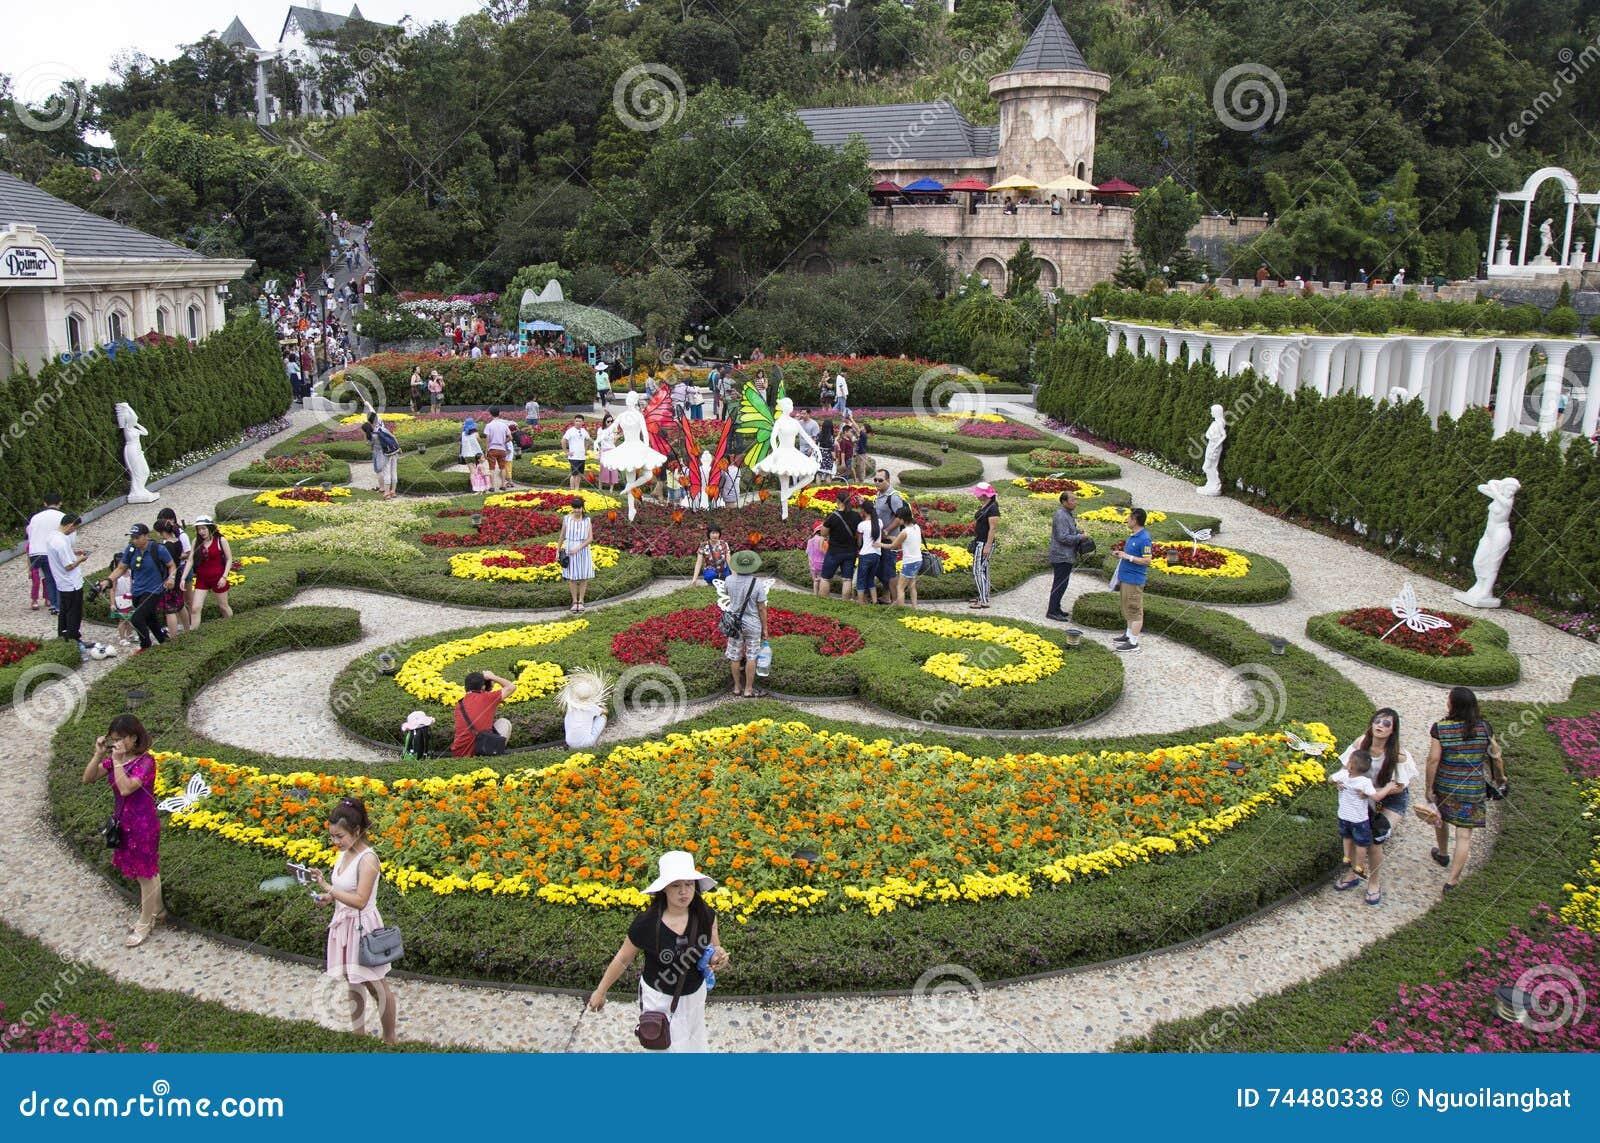 Bloem En Tuin : Toerist die een bloementuin met veel soort kleurrijke bloem in de